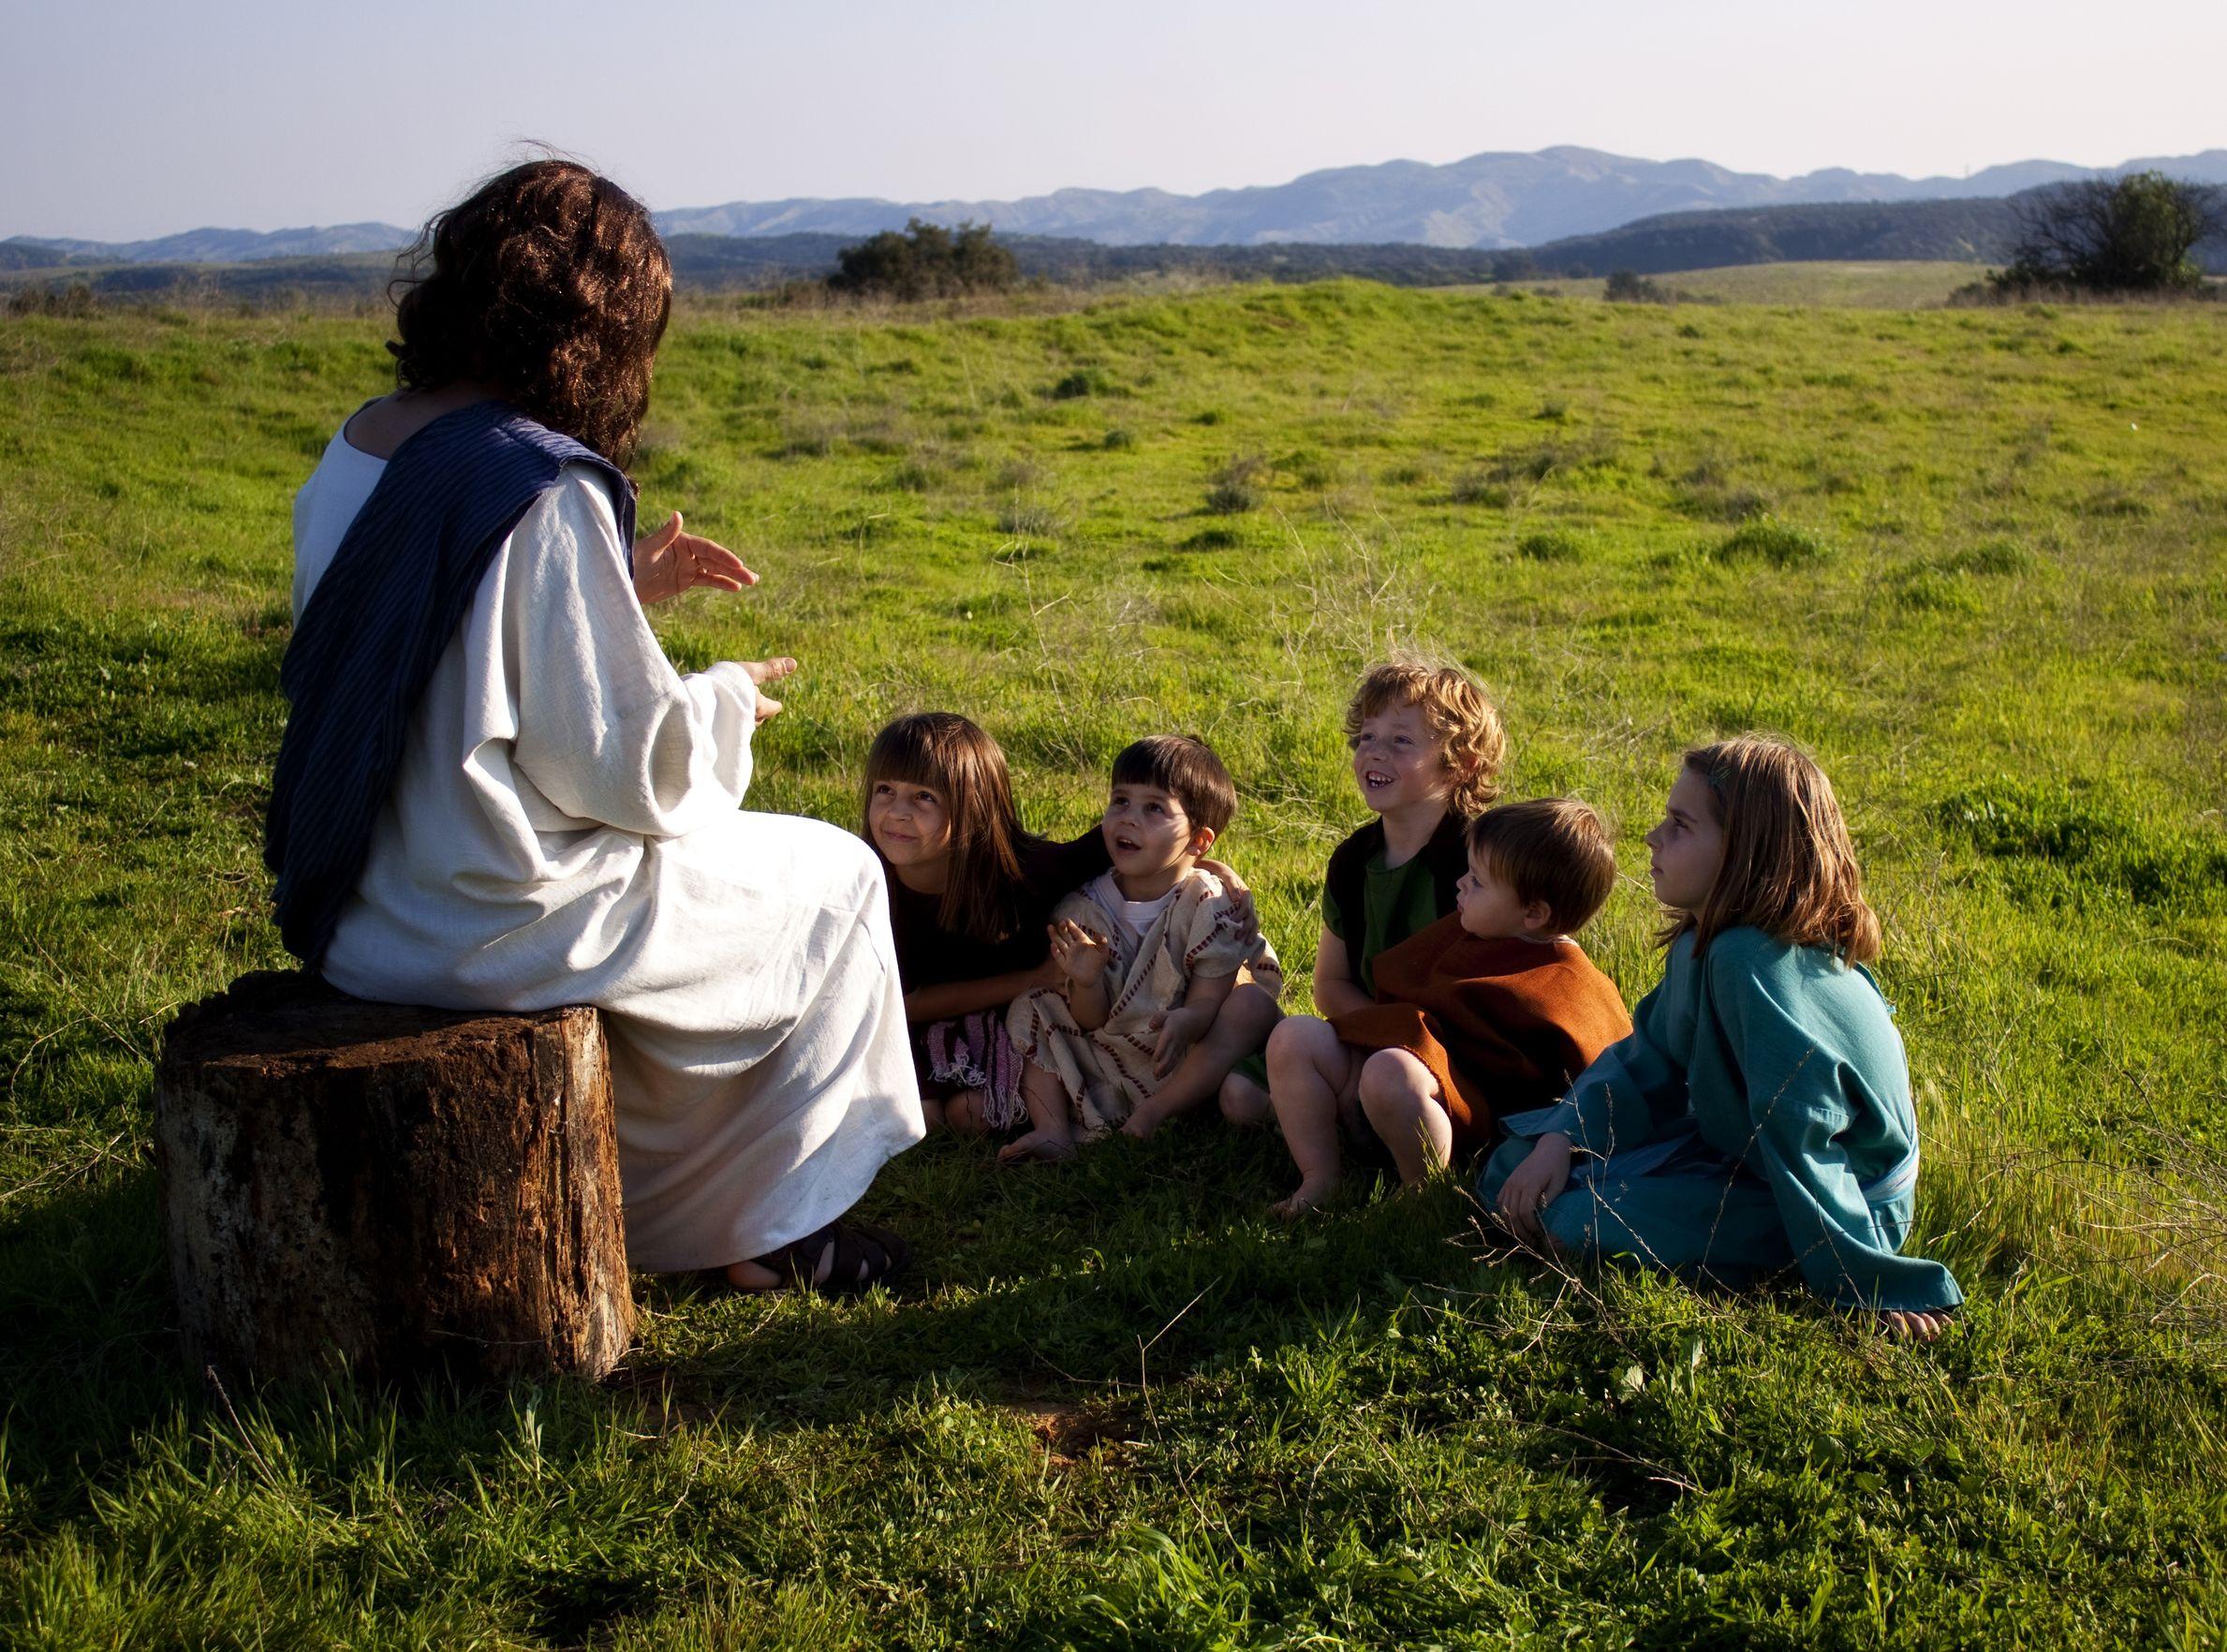 Jesus ensinando crianças no pasto.